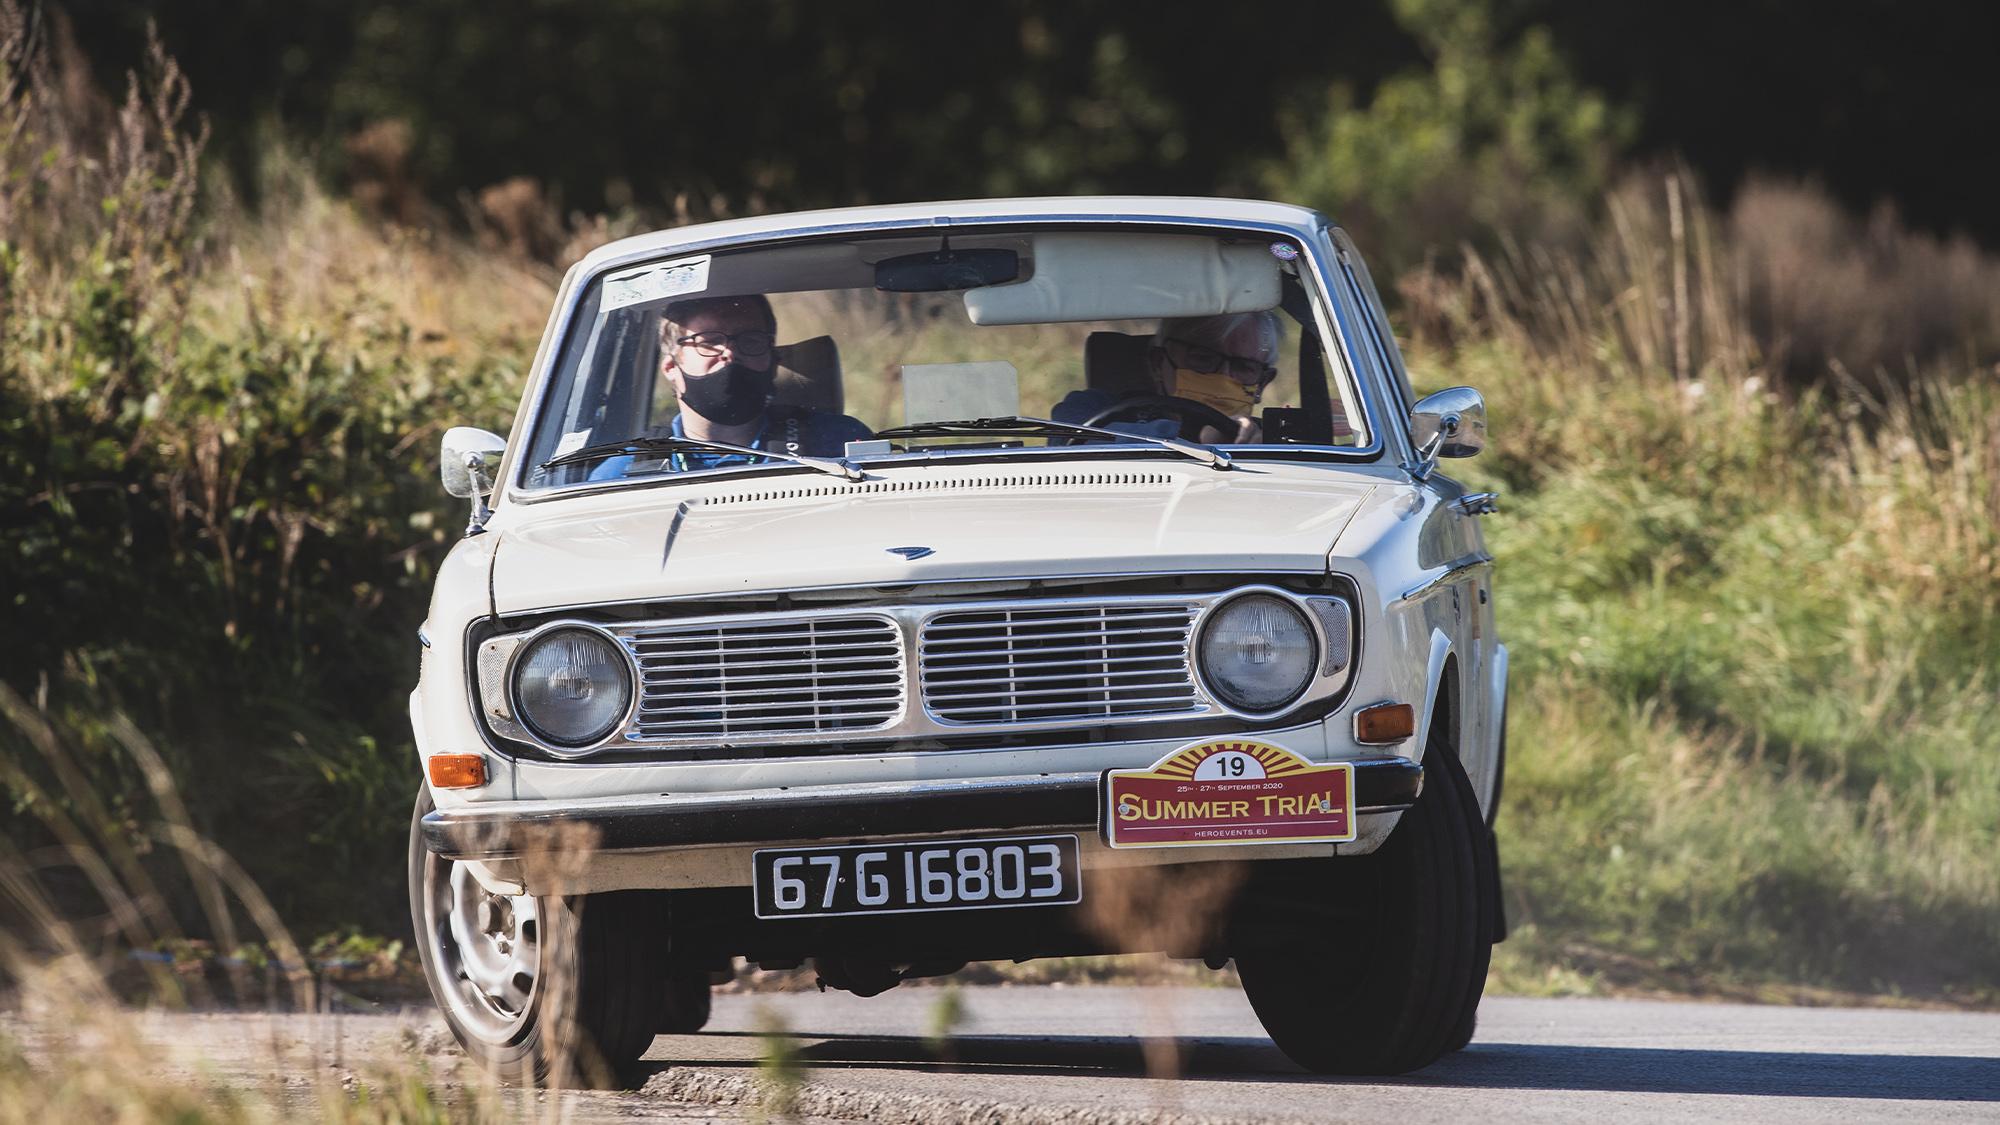 2020 HERO summer trial Volvo 144